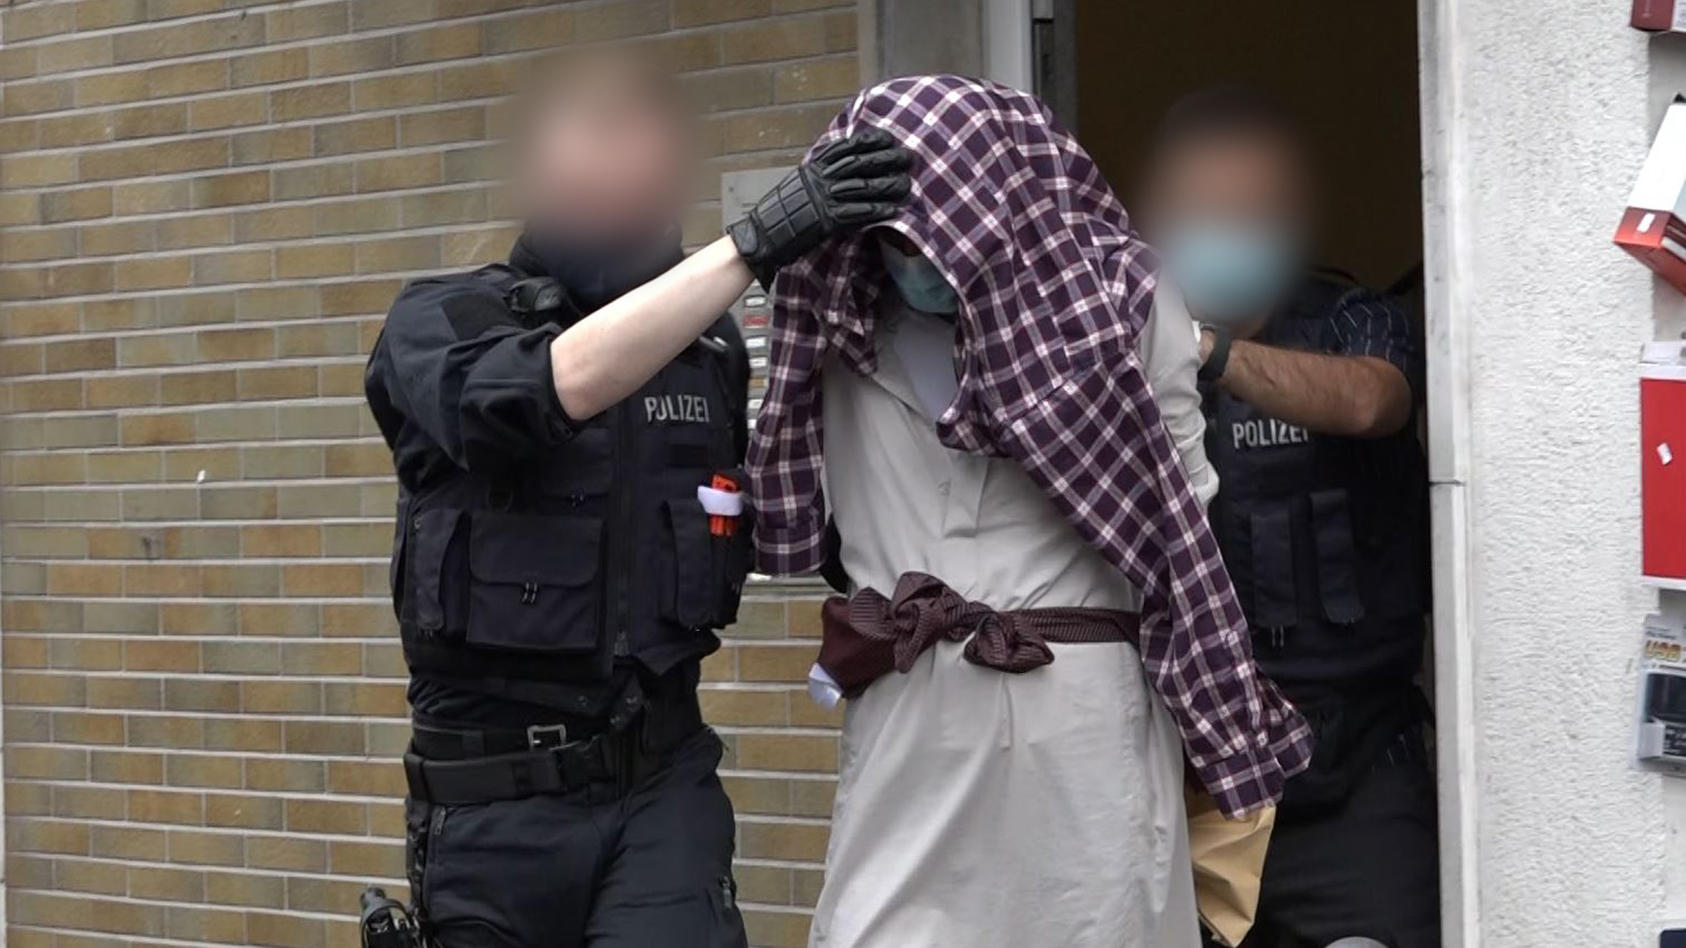 Der wegen mutmaßlicher Anschlagspläne auf die Hagener Synagoge festgenommene Jugendliche muss in Untersuchungshaft